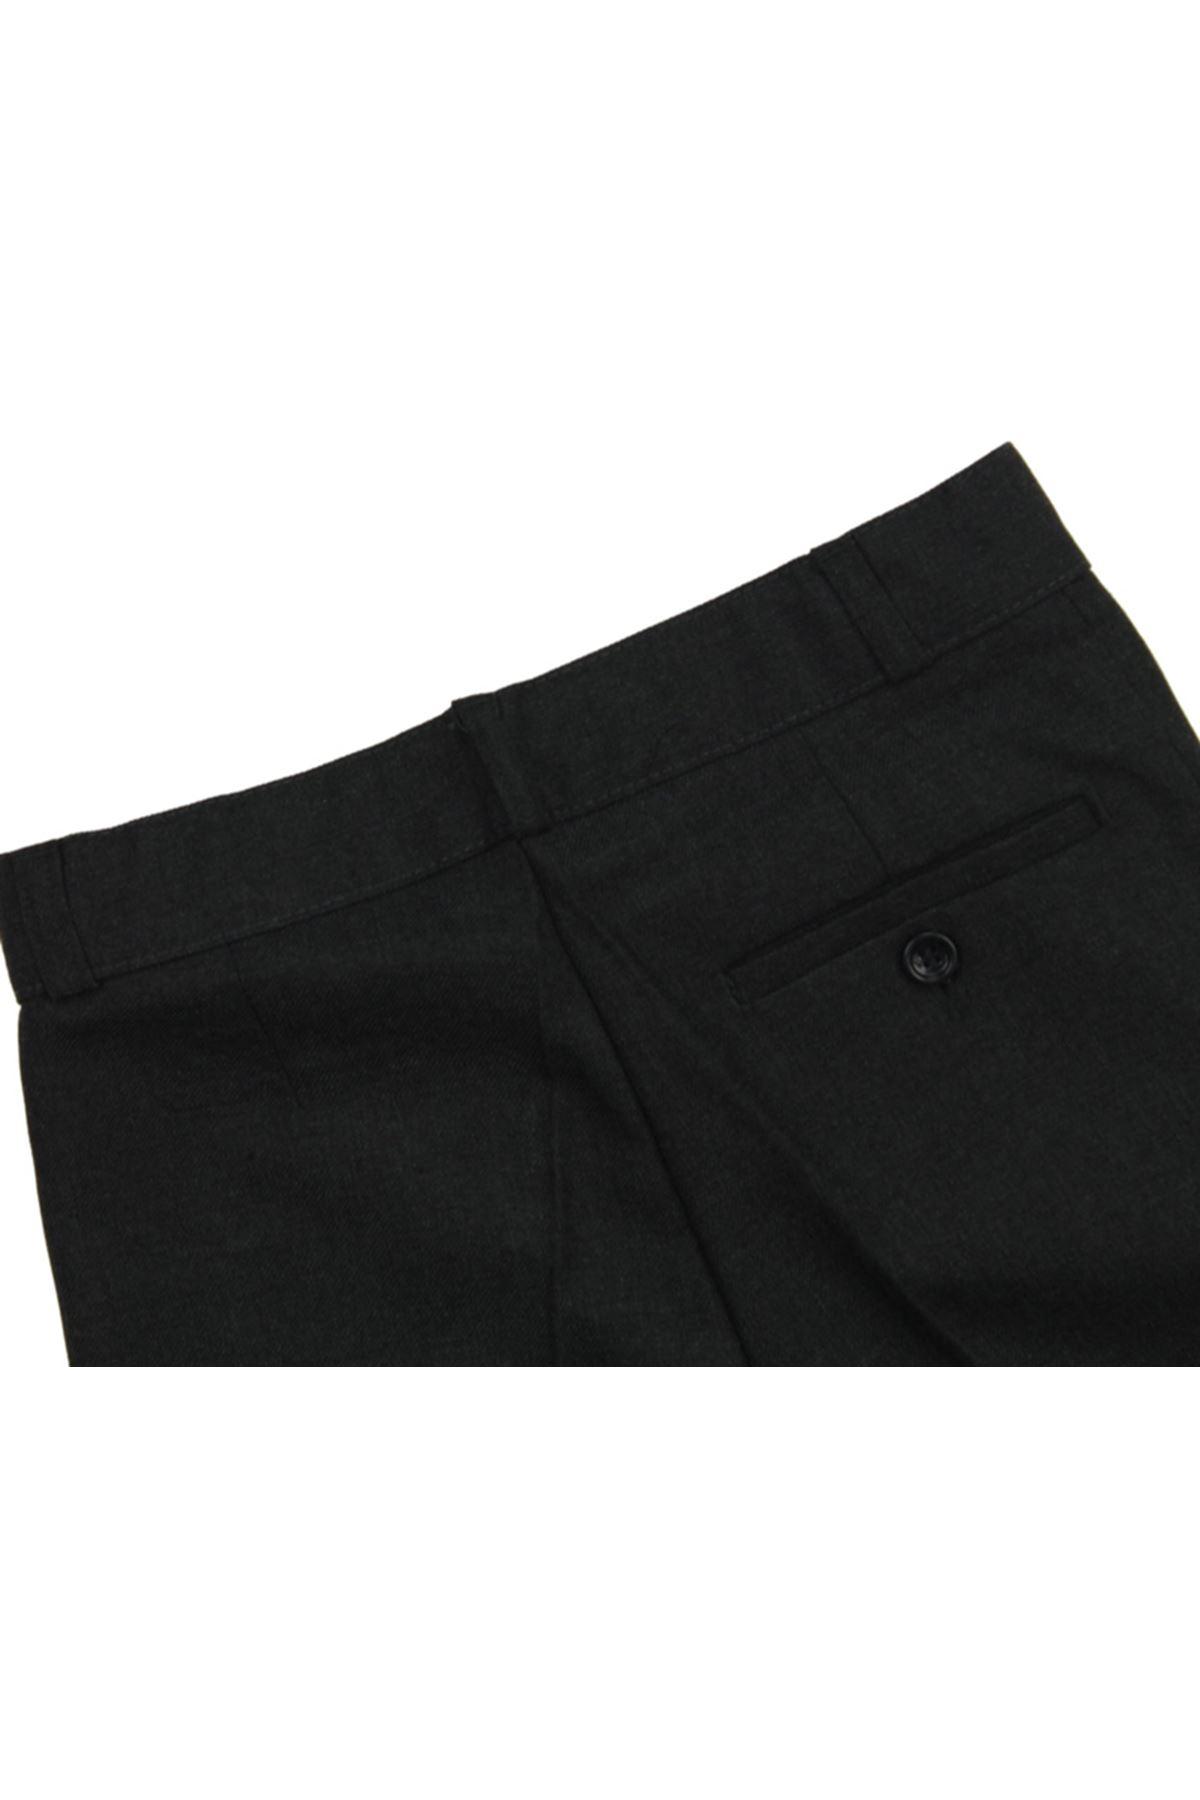 Modakıds Erkek Çocuk Füme Okul Pantalon